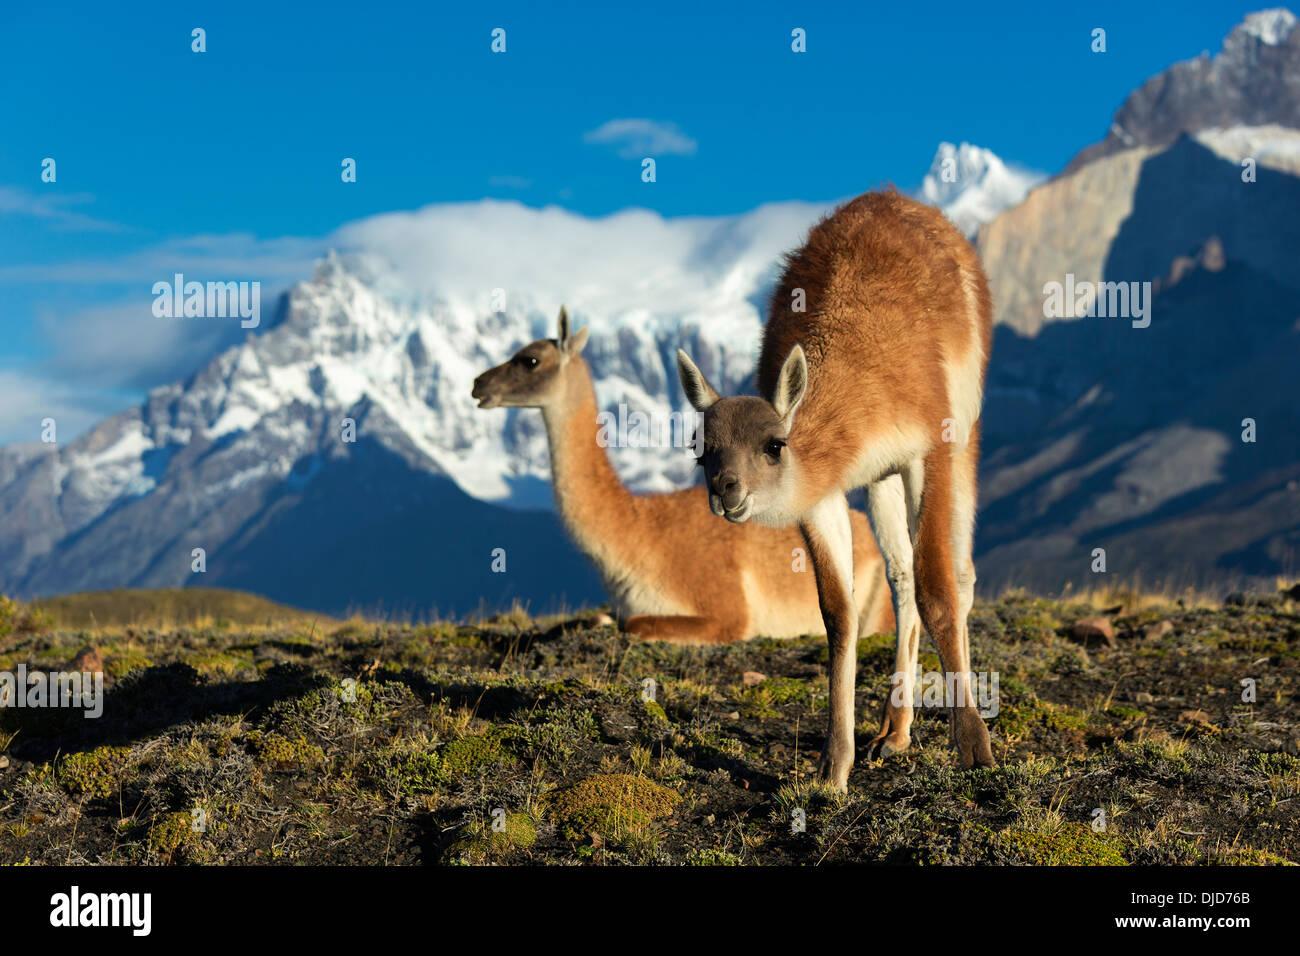 Deux guanacos (Lama guanicoe) sur la colline avec les montagnes de Torres del Paine en arrière-plan.Patagonie.Chili Banque D'Images